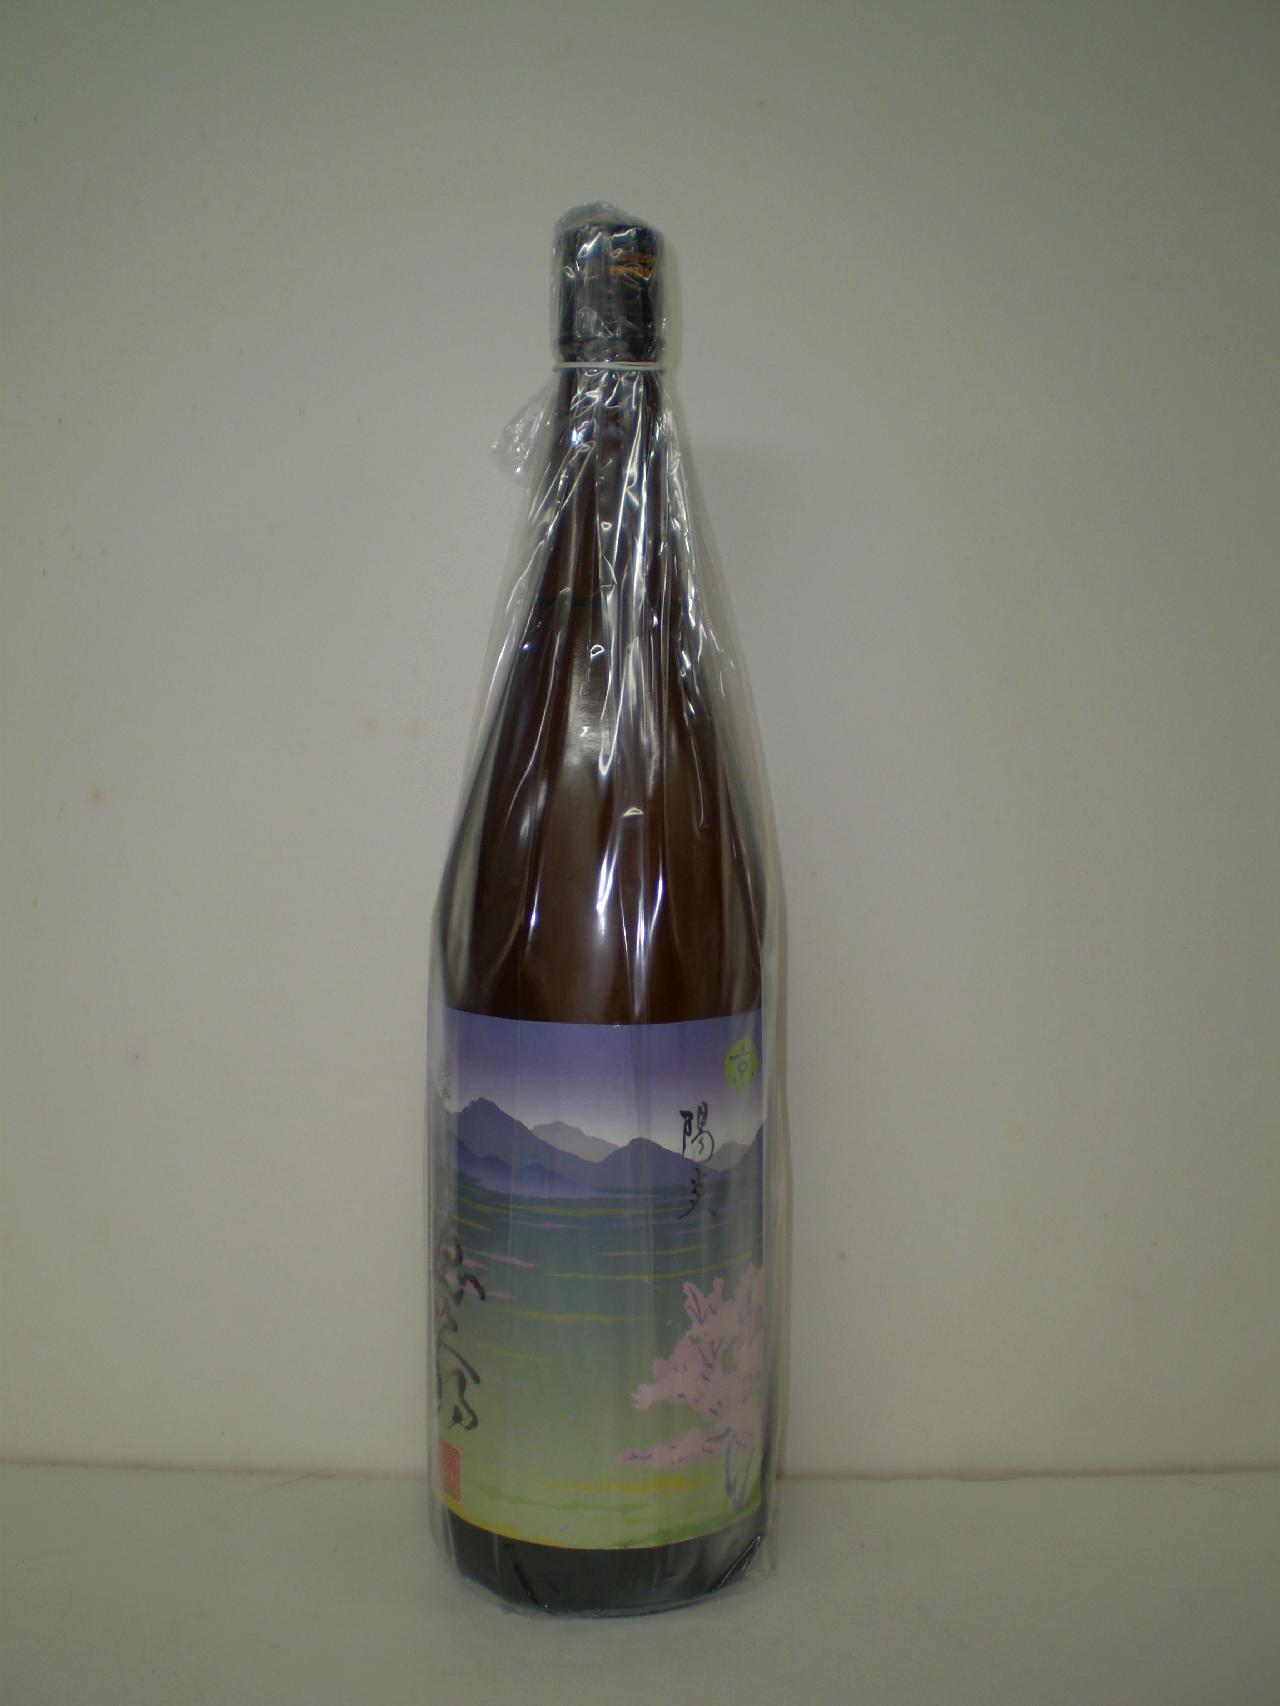 徳次郎 純米吟醸生 陽炎 1800ml 城陽酒造